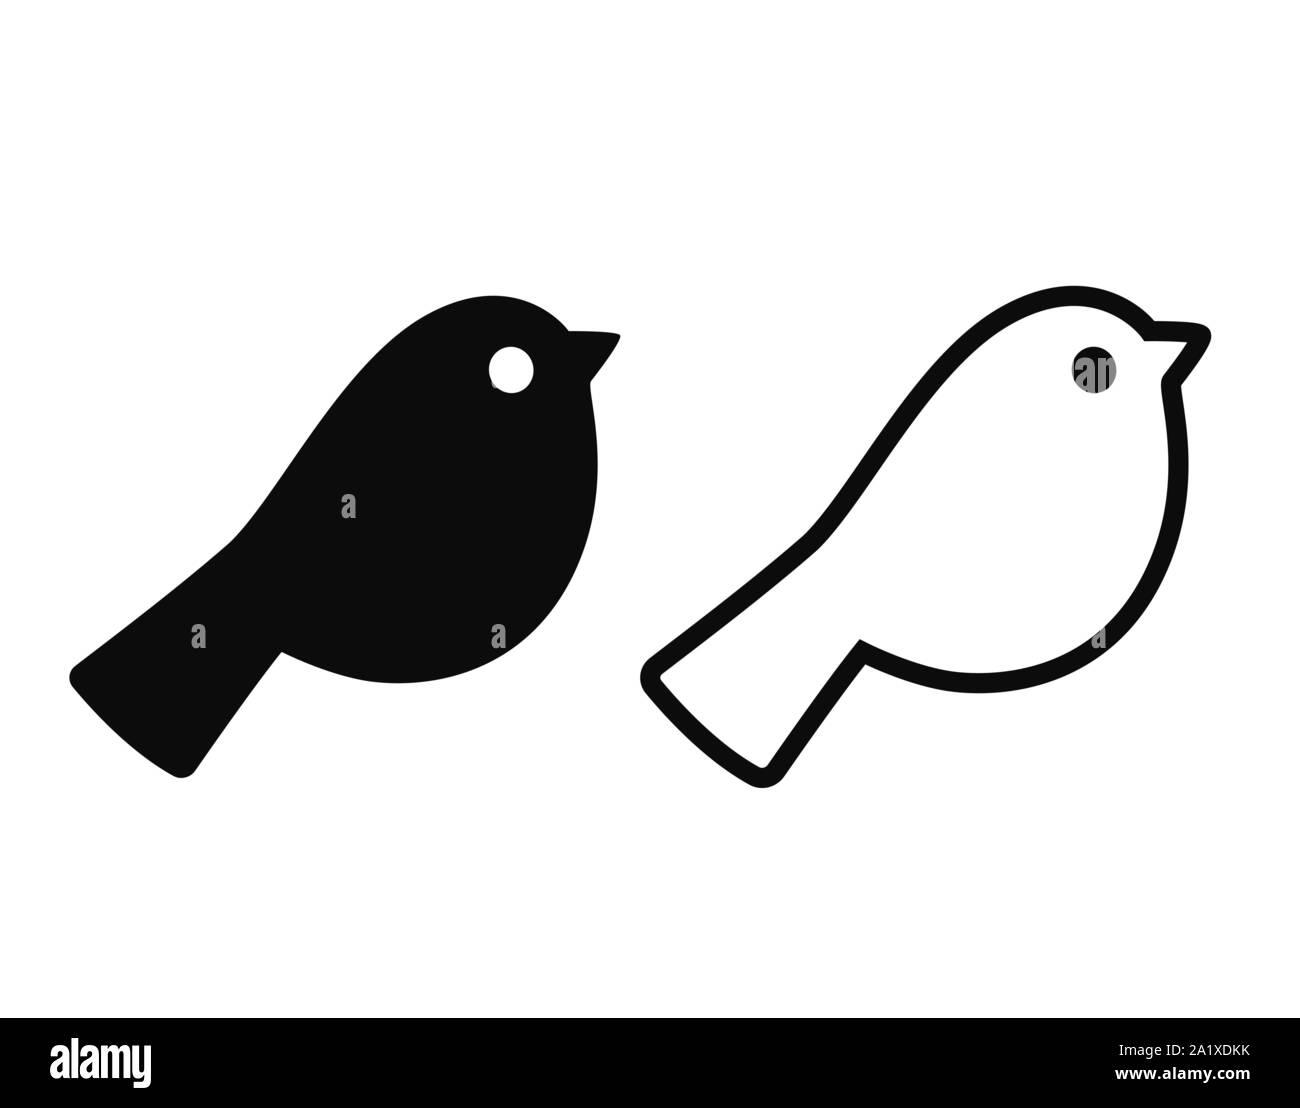 Simple Caricature L Icone D Oiseaux Silhouette Noire Et De Dessins Au Contour Un Minimum D Element De Conception De Logo Illustration Vectorielle Image Vectorielle Stock Alamy